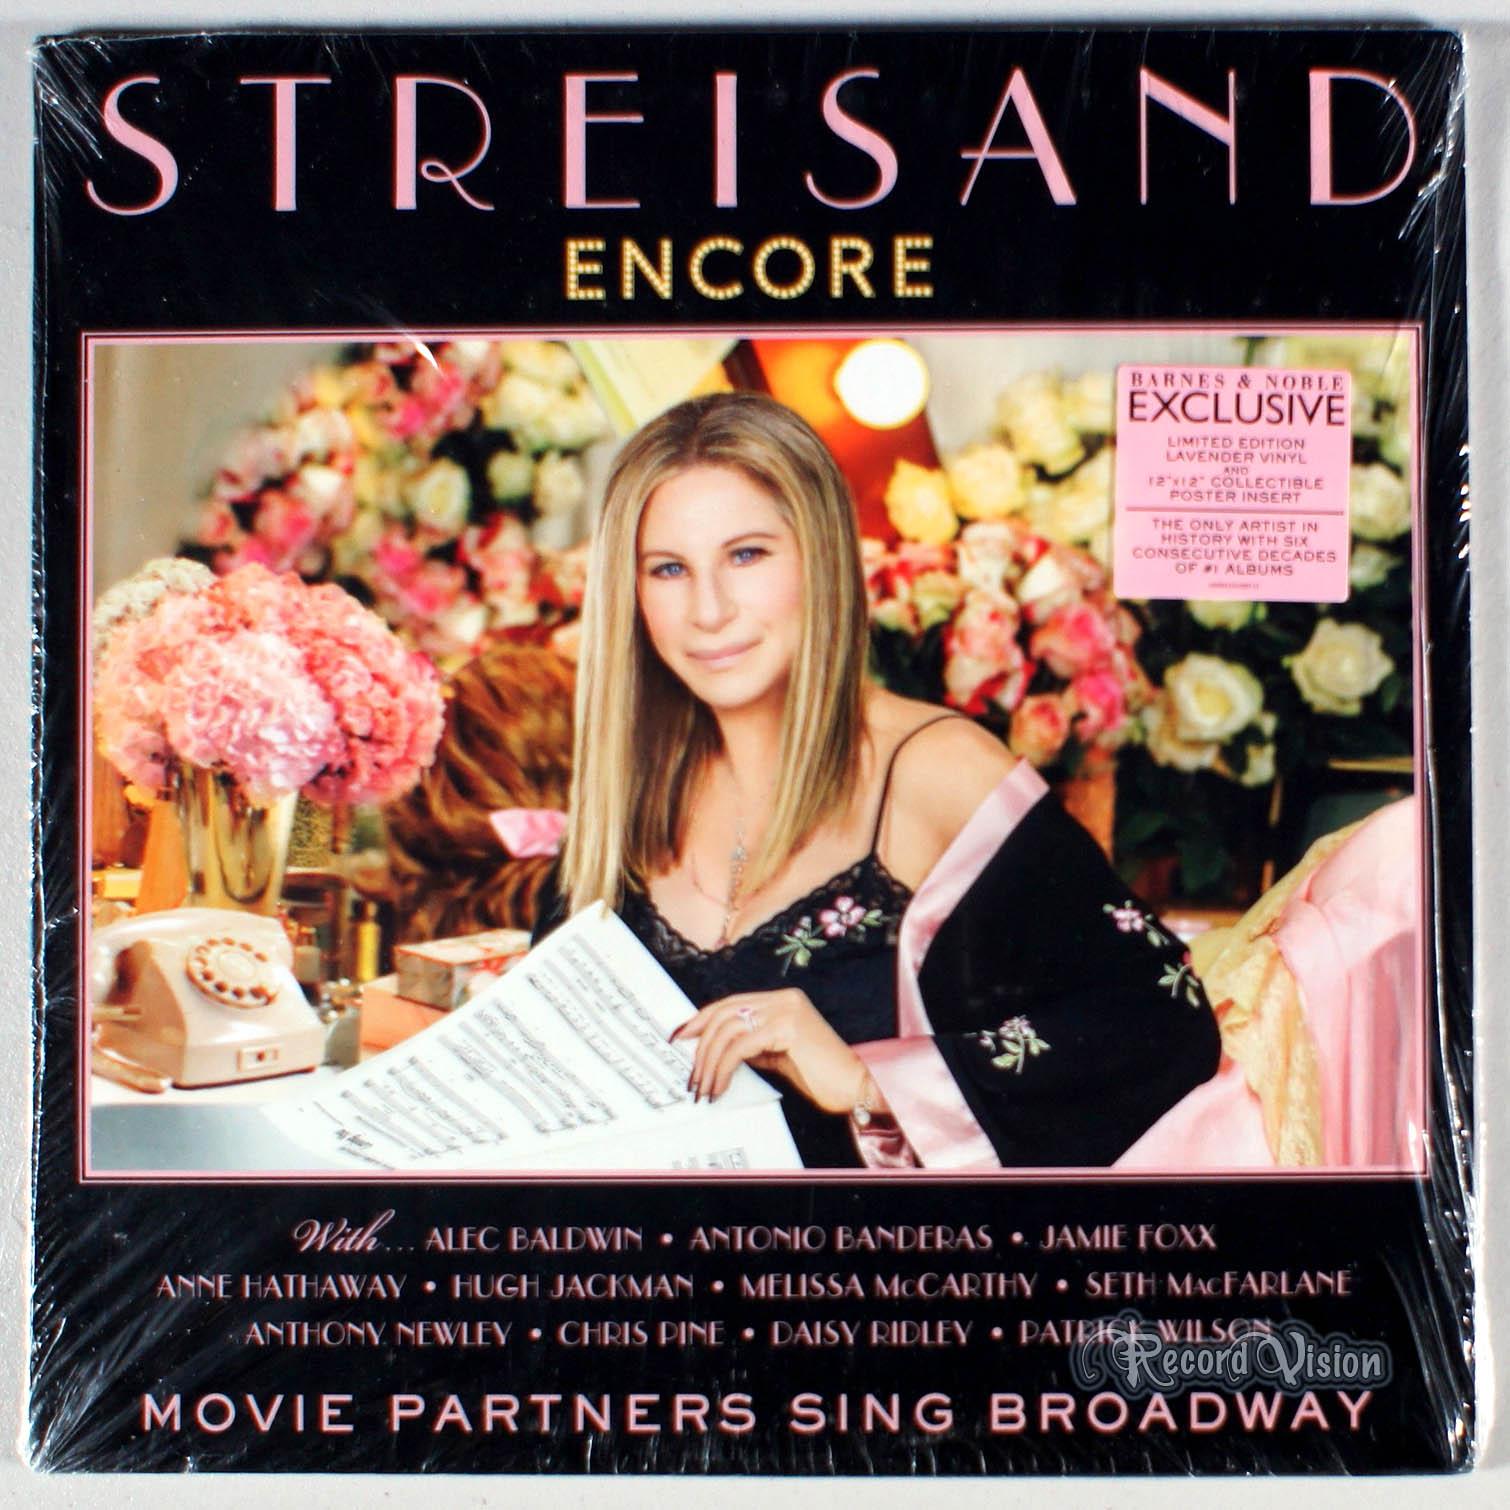 BARBRA STREISAND - Encore Movie Partners Sing Broadway - LP